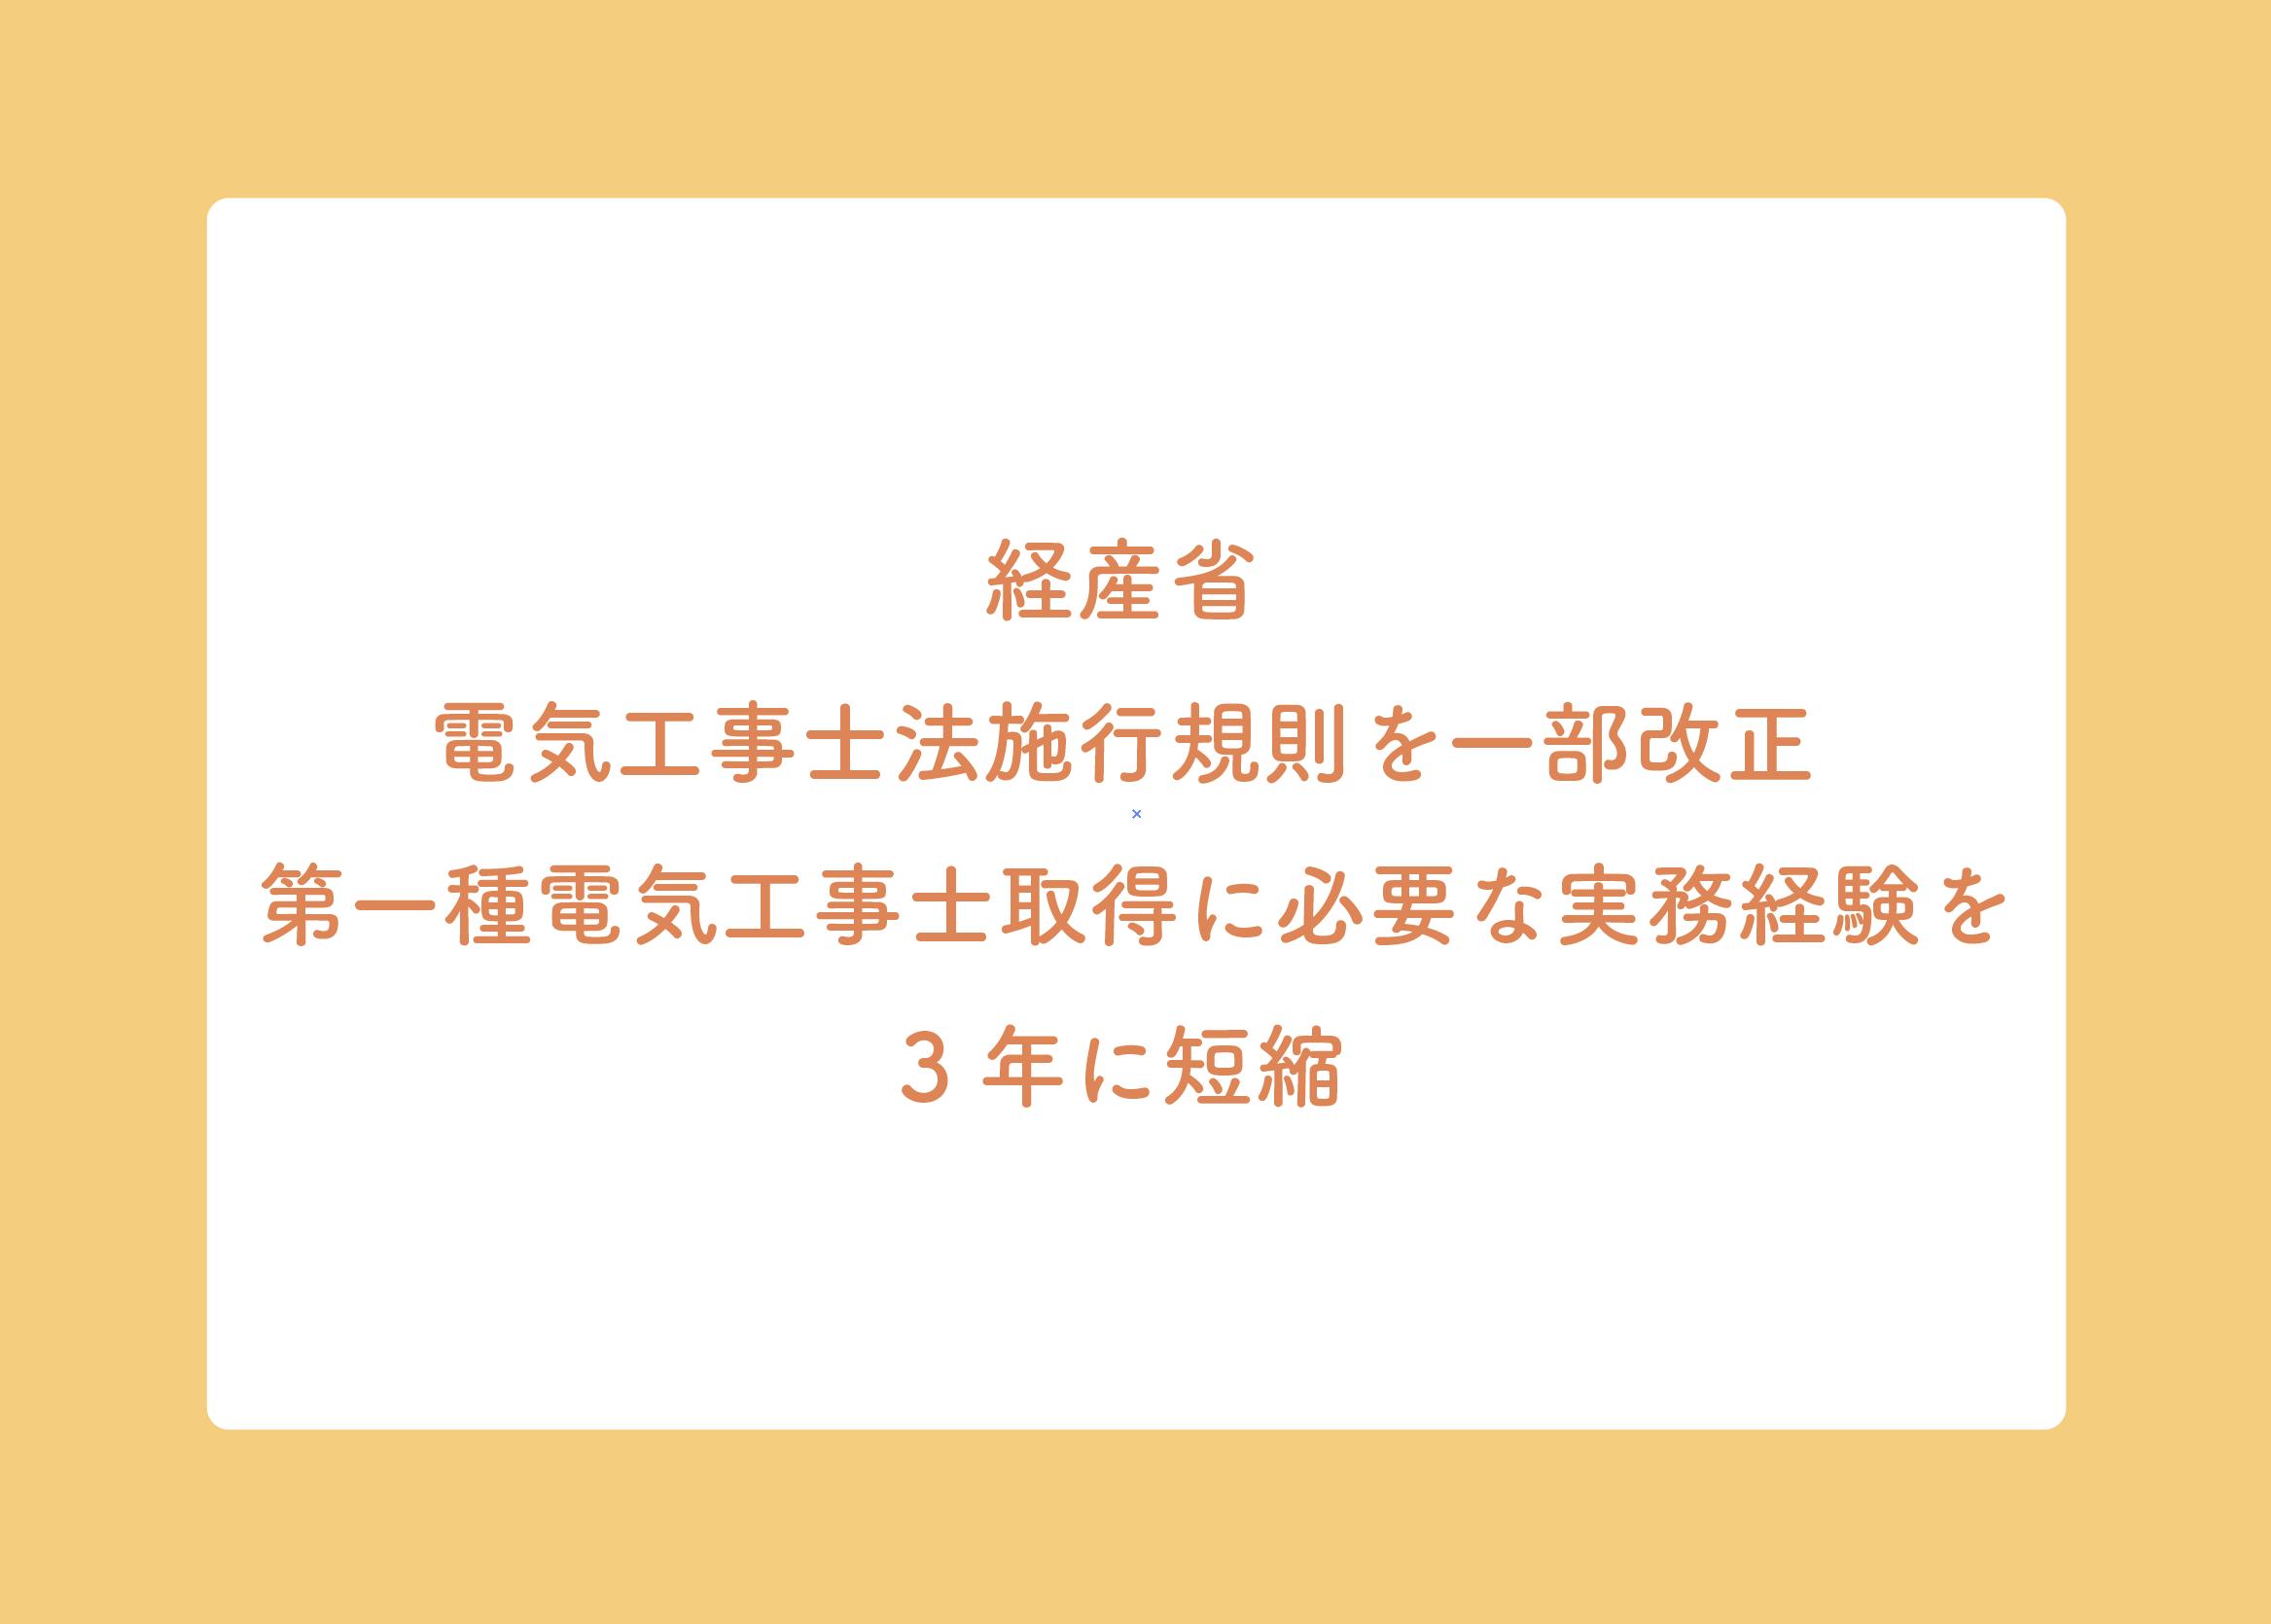 経産省 電気工事士法施行規則を一部改正 第一種電気工事士取得に必要な実務経験を3年に短縮の画像